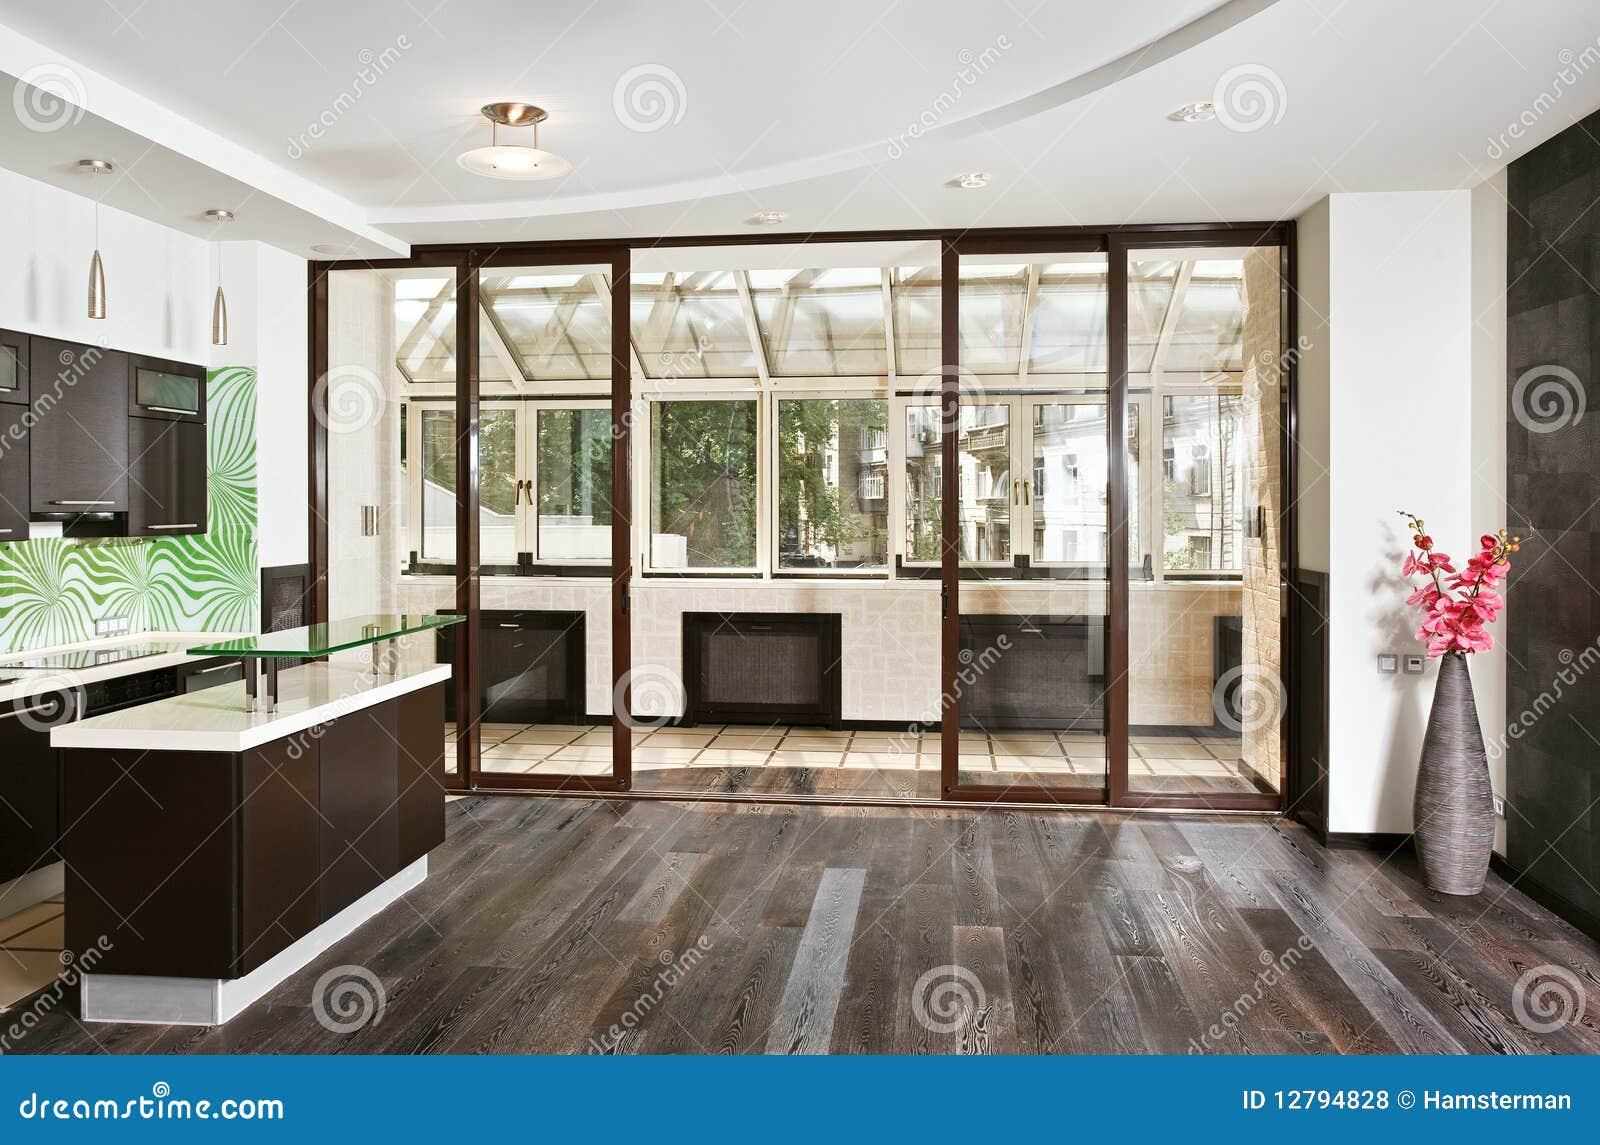 Vloer Voor Balkon : Moderne woonkamer en keuken met balkon stock foto afbeelding